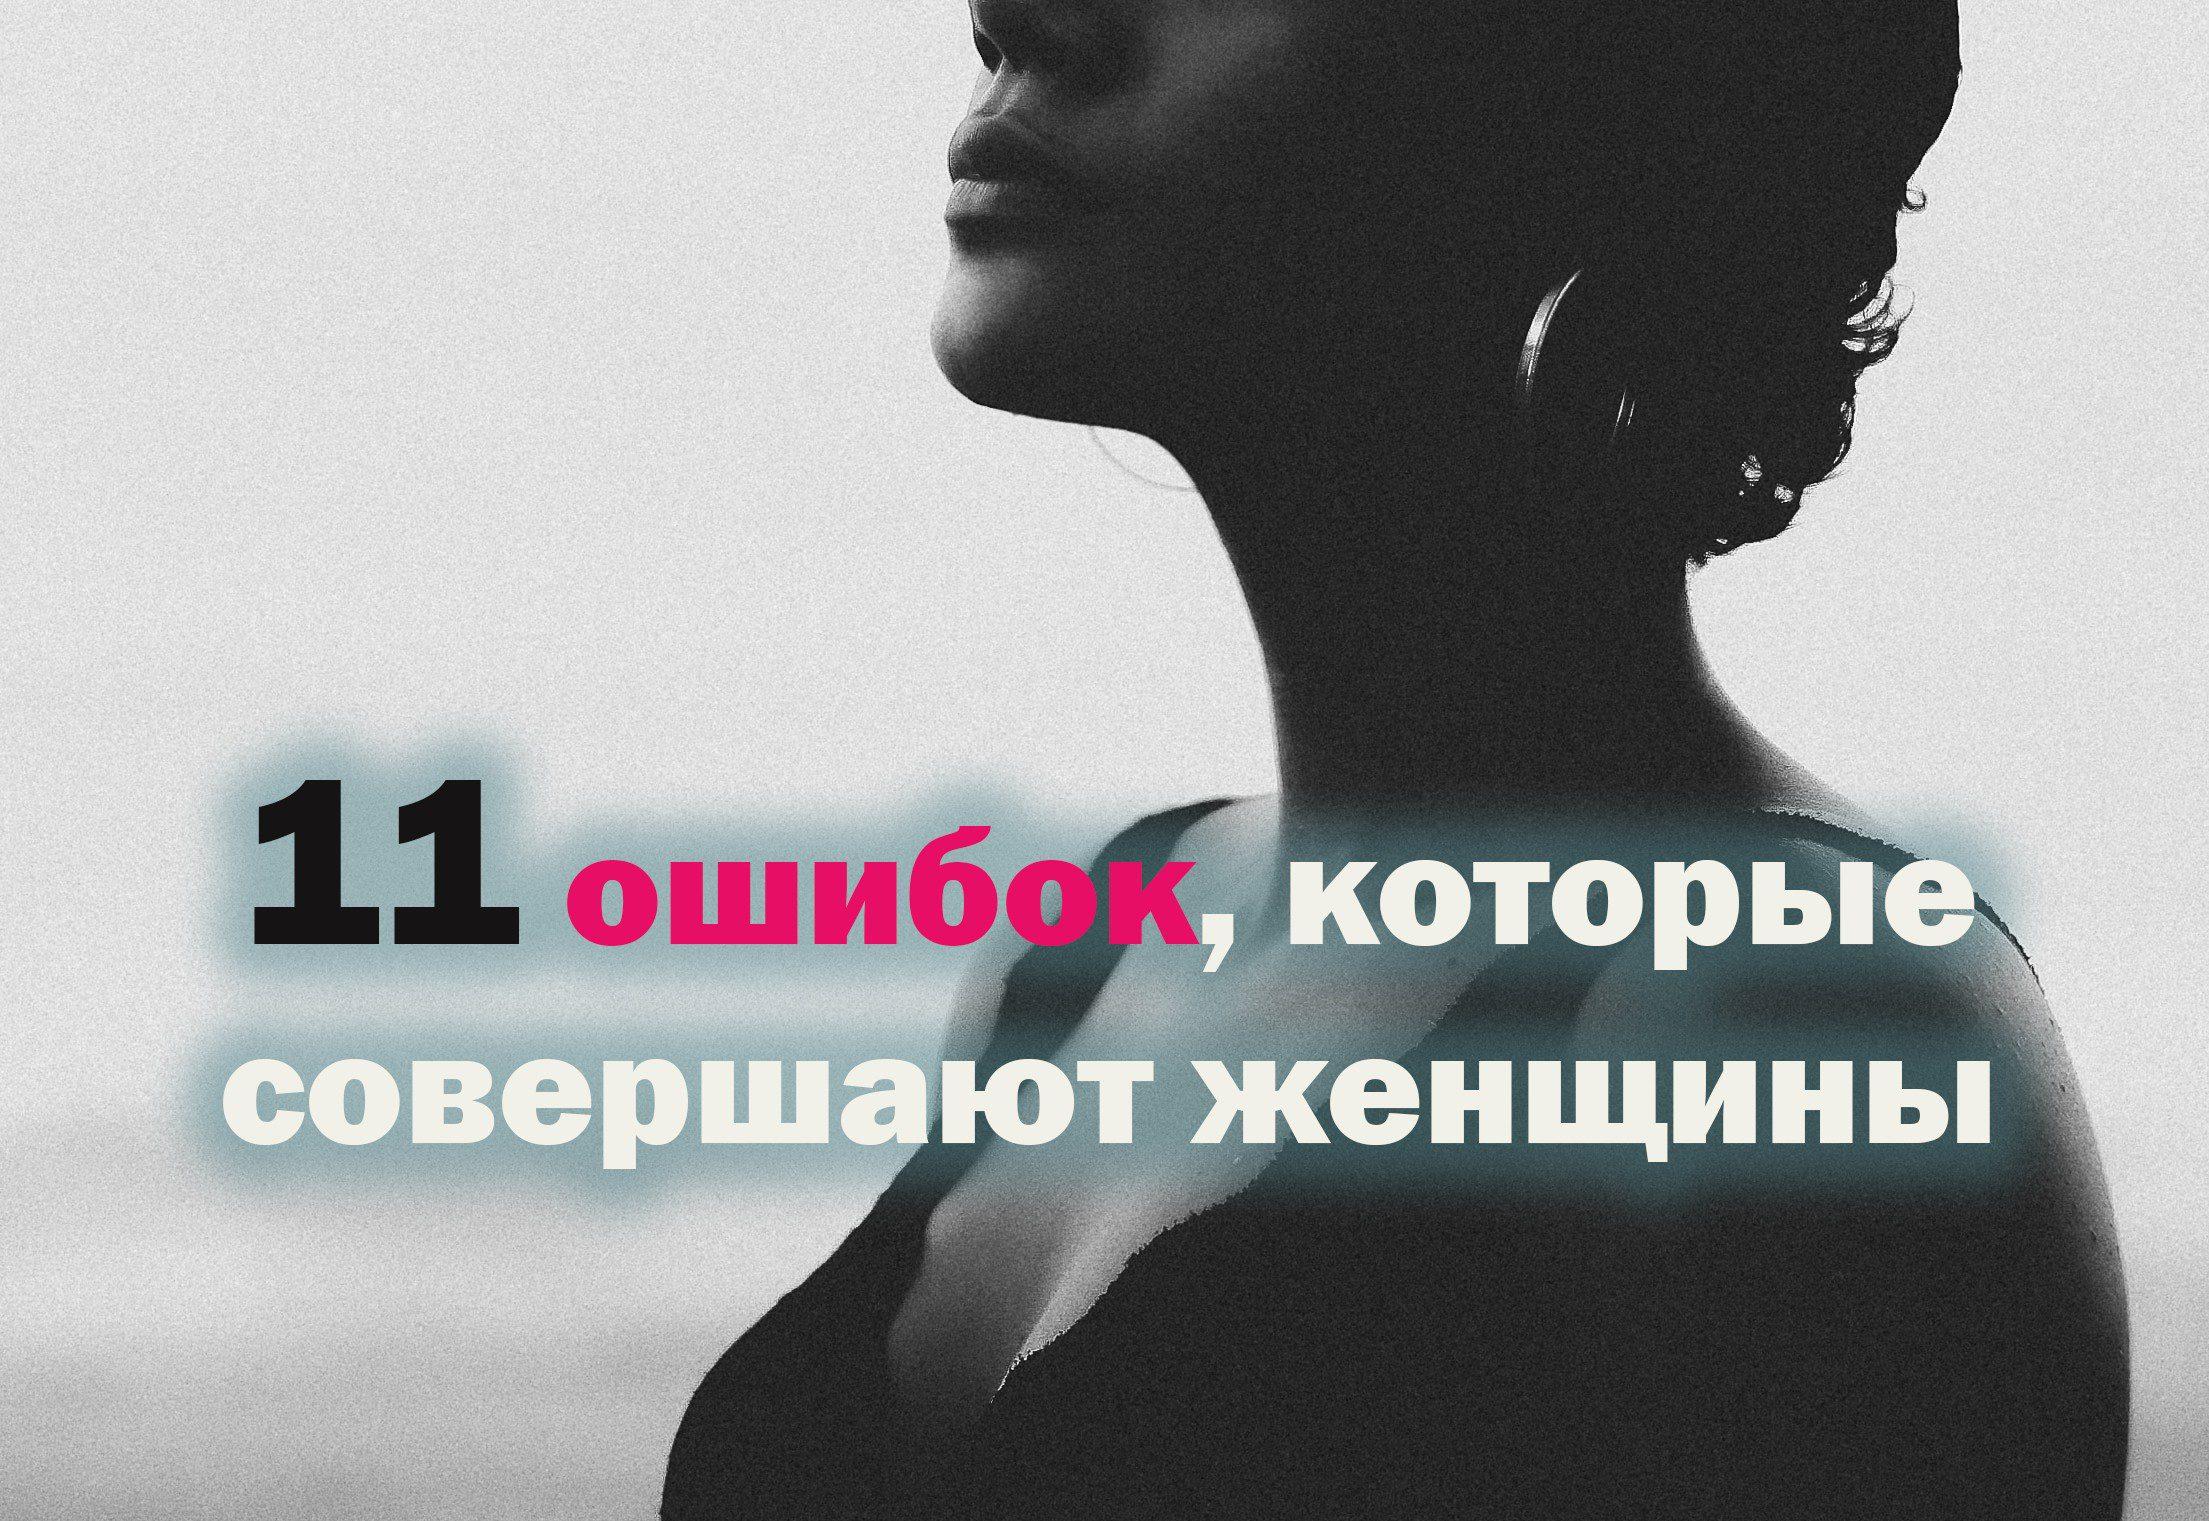 11 ошибок, которые совершают женщины